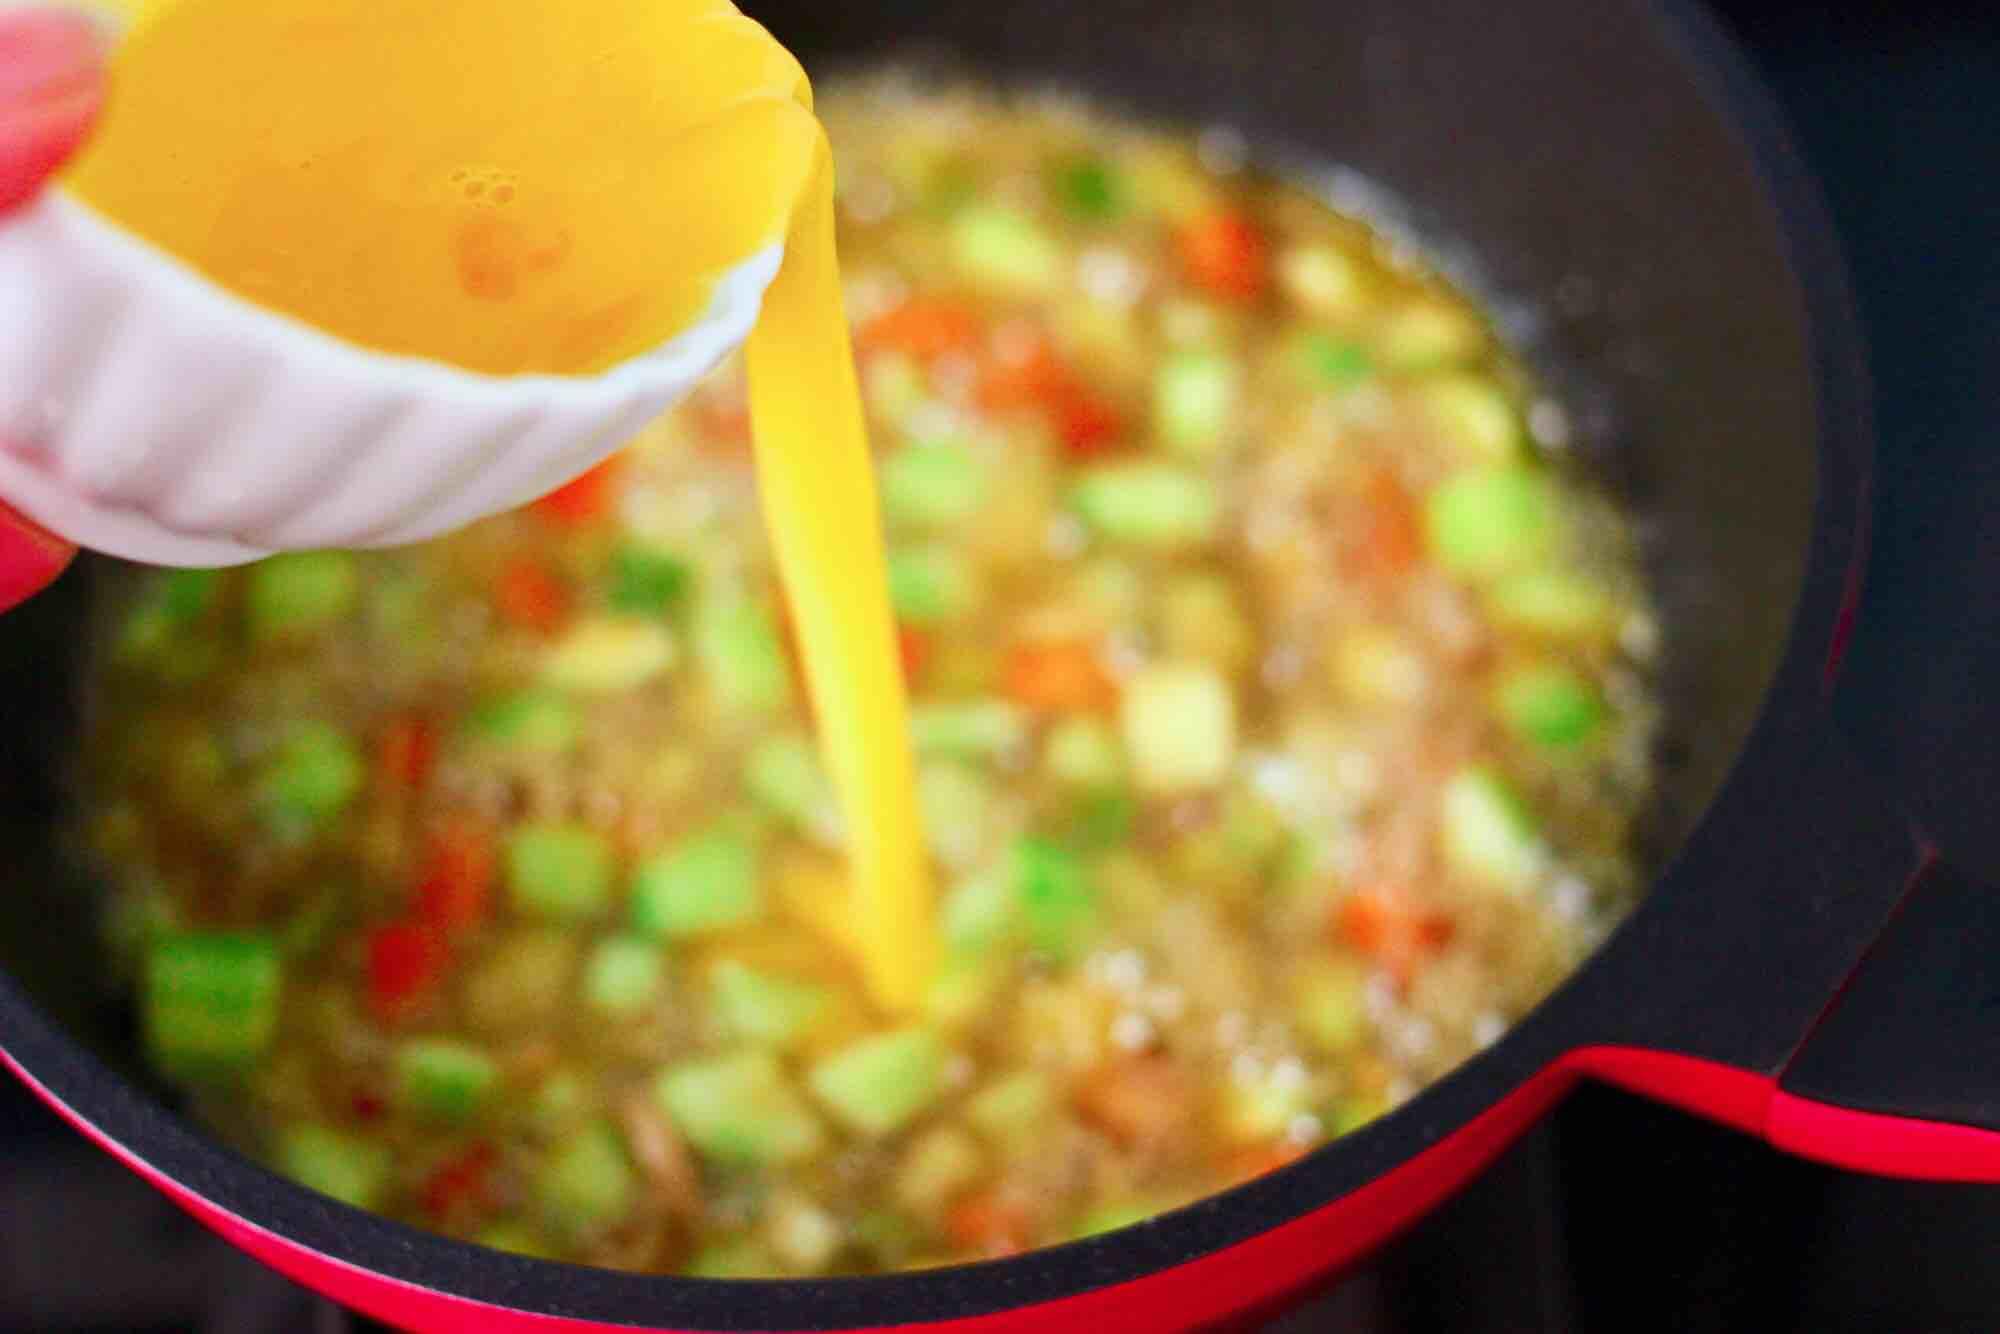 黄瓜飞蛤鸡蛋打卤面怎样煮